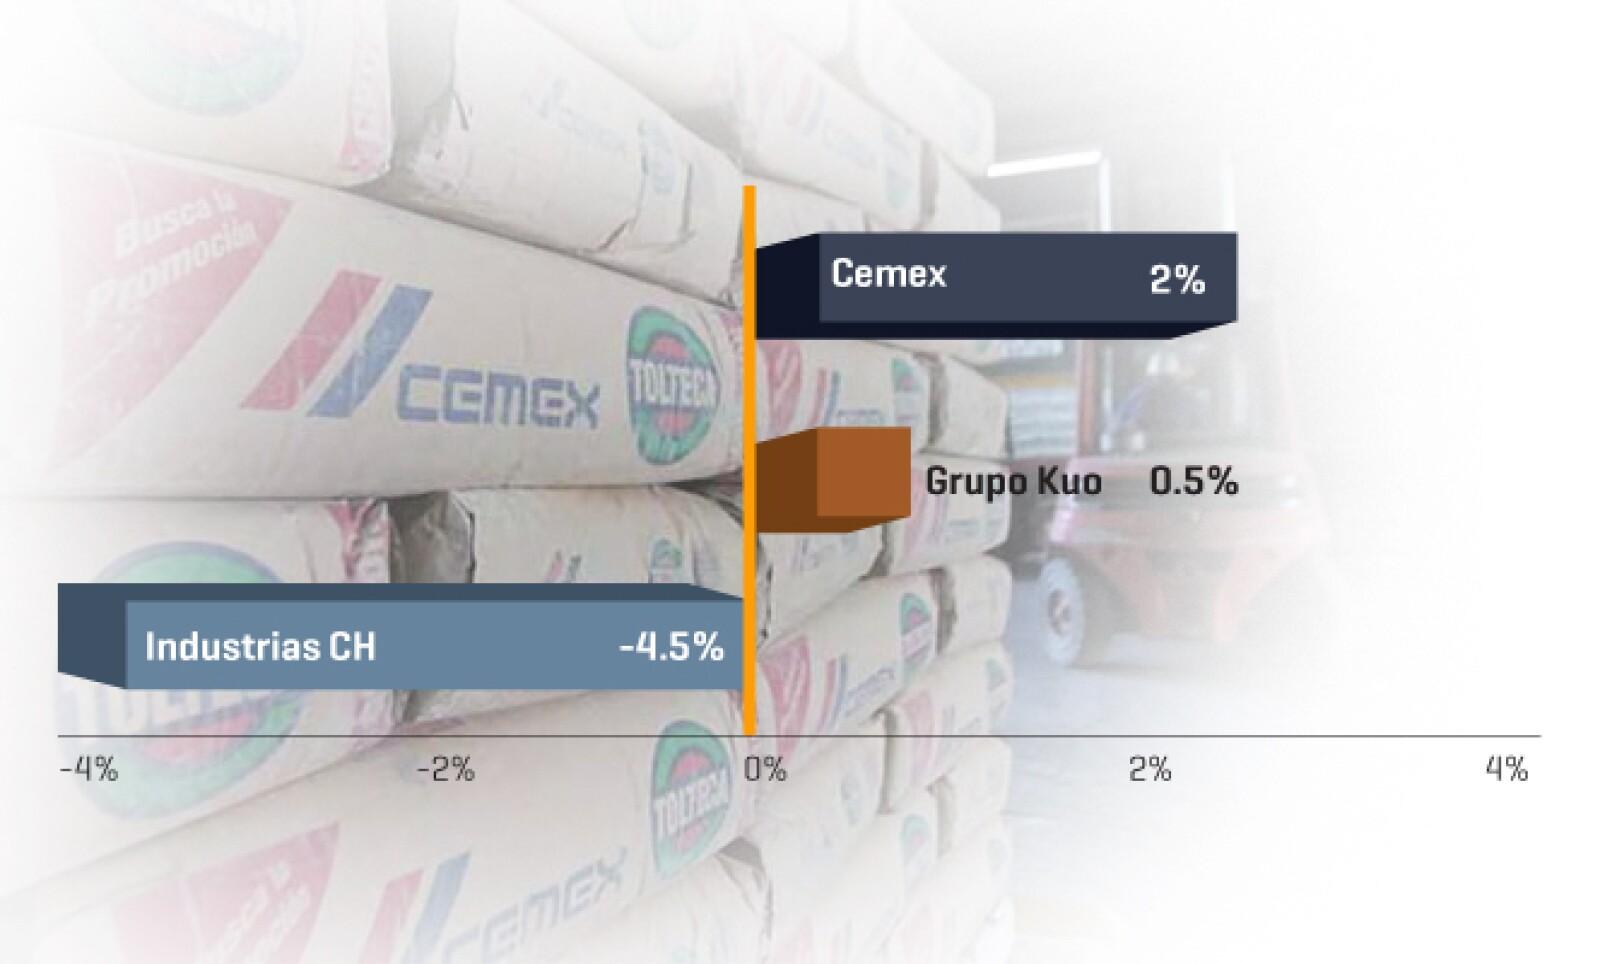 Industrias CH, Grupo Kuo y Cemex son las empresas cuyas ventas internacionales crecieron menos en 2012.